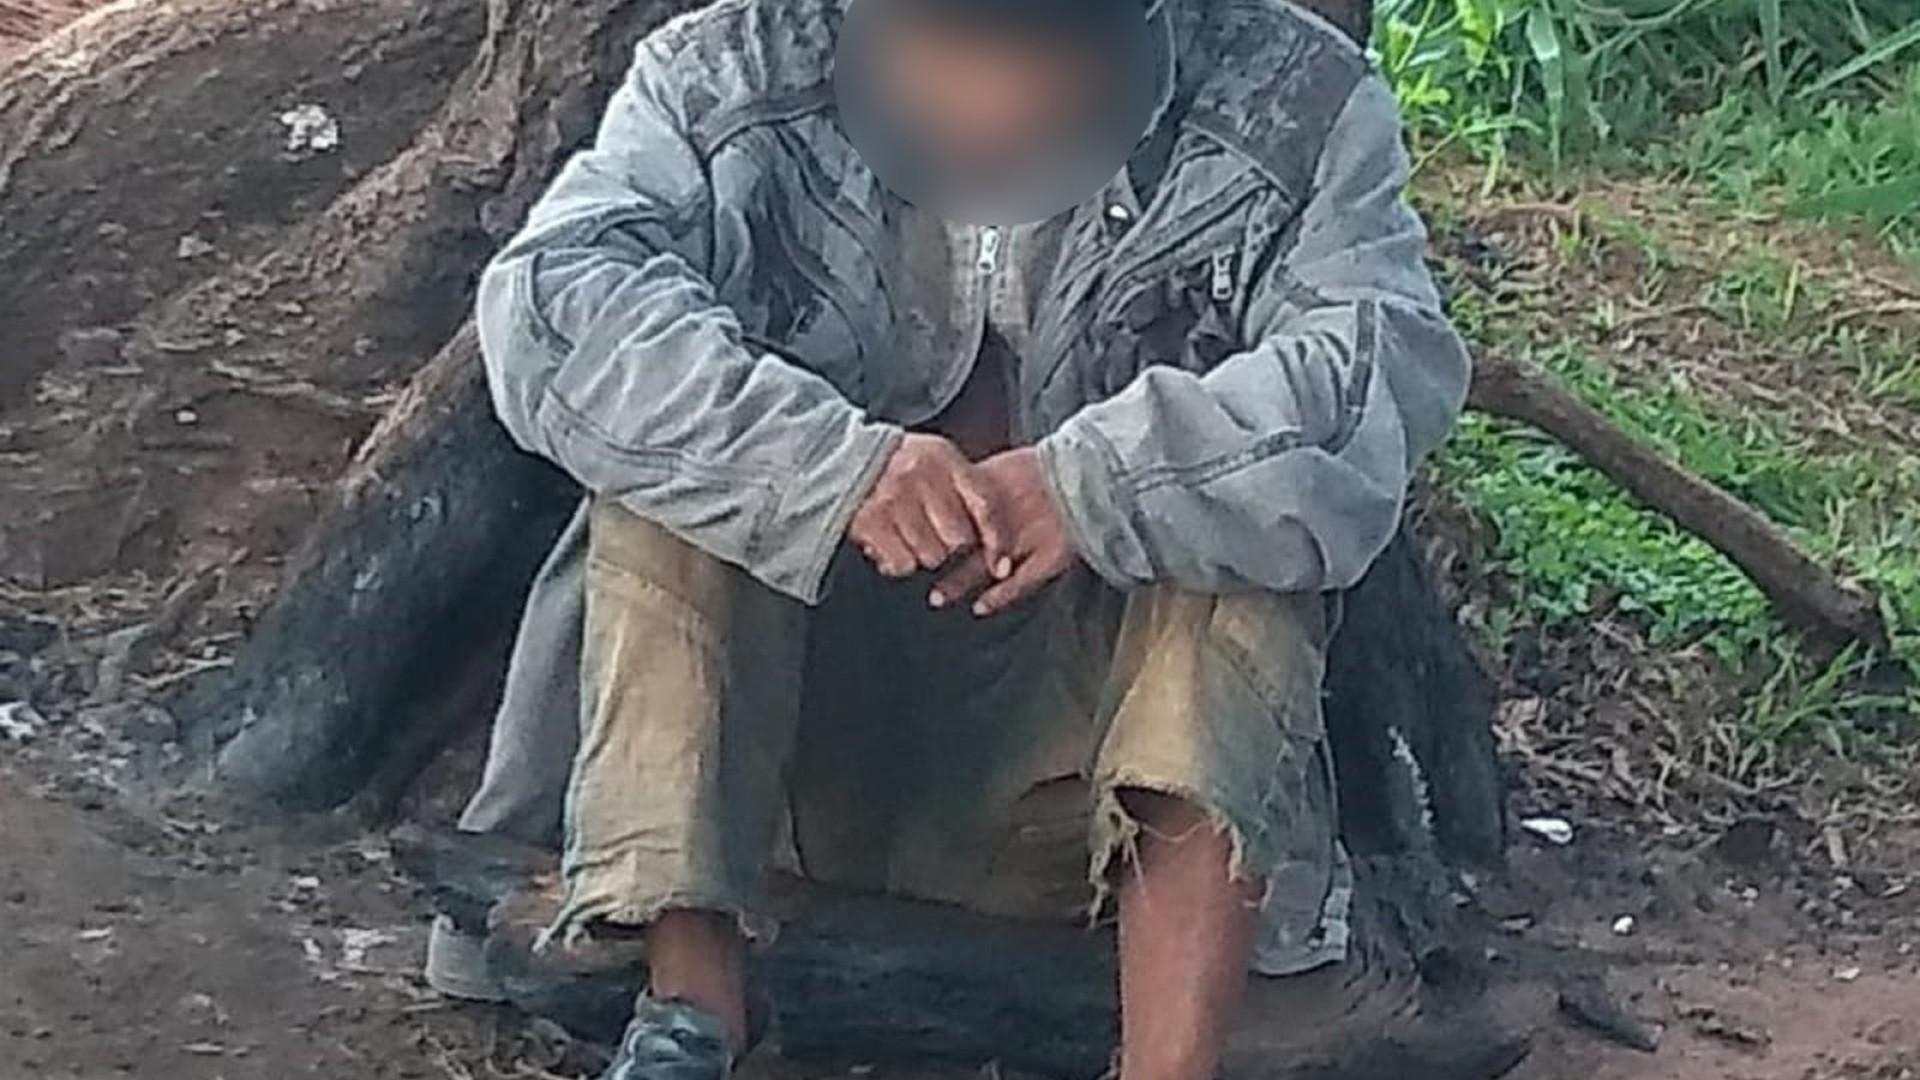 Polícia resgata homem que vivia na mata em condições desumanas